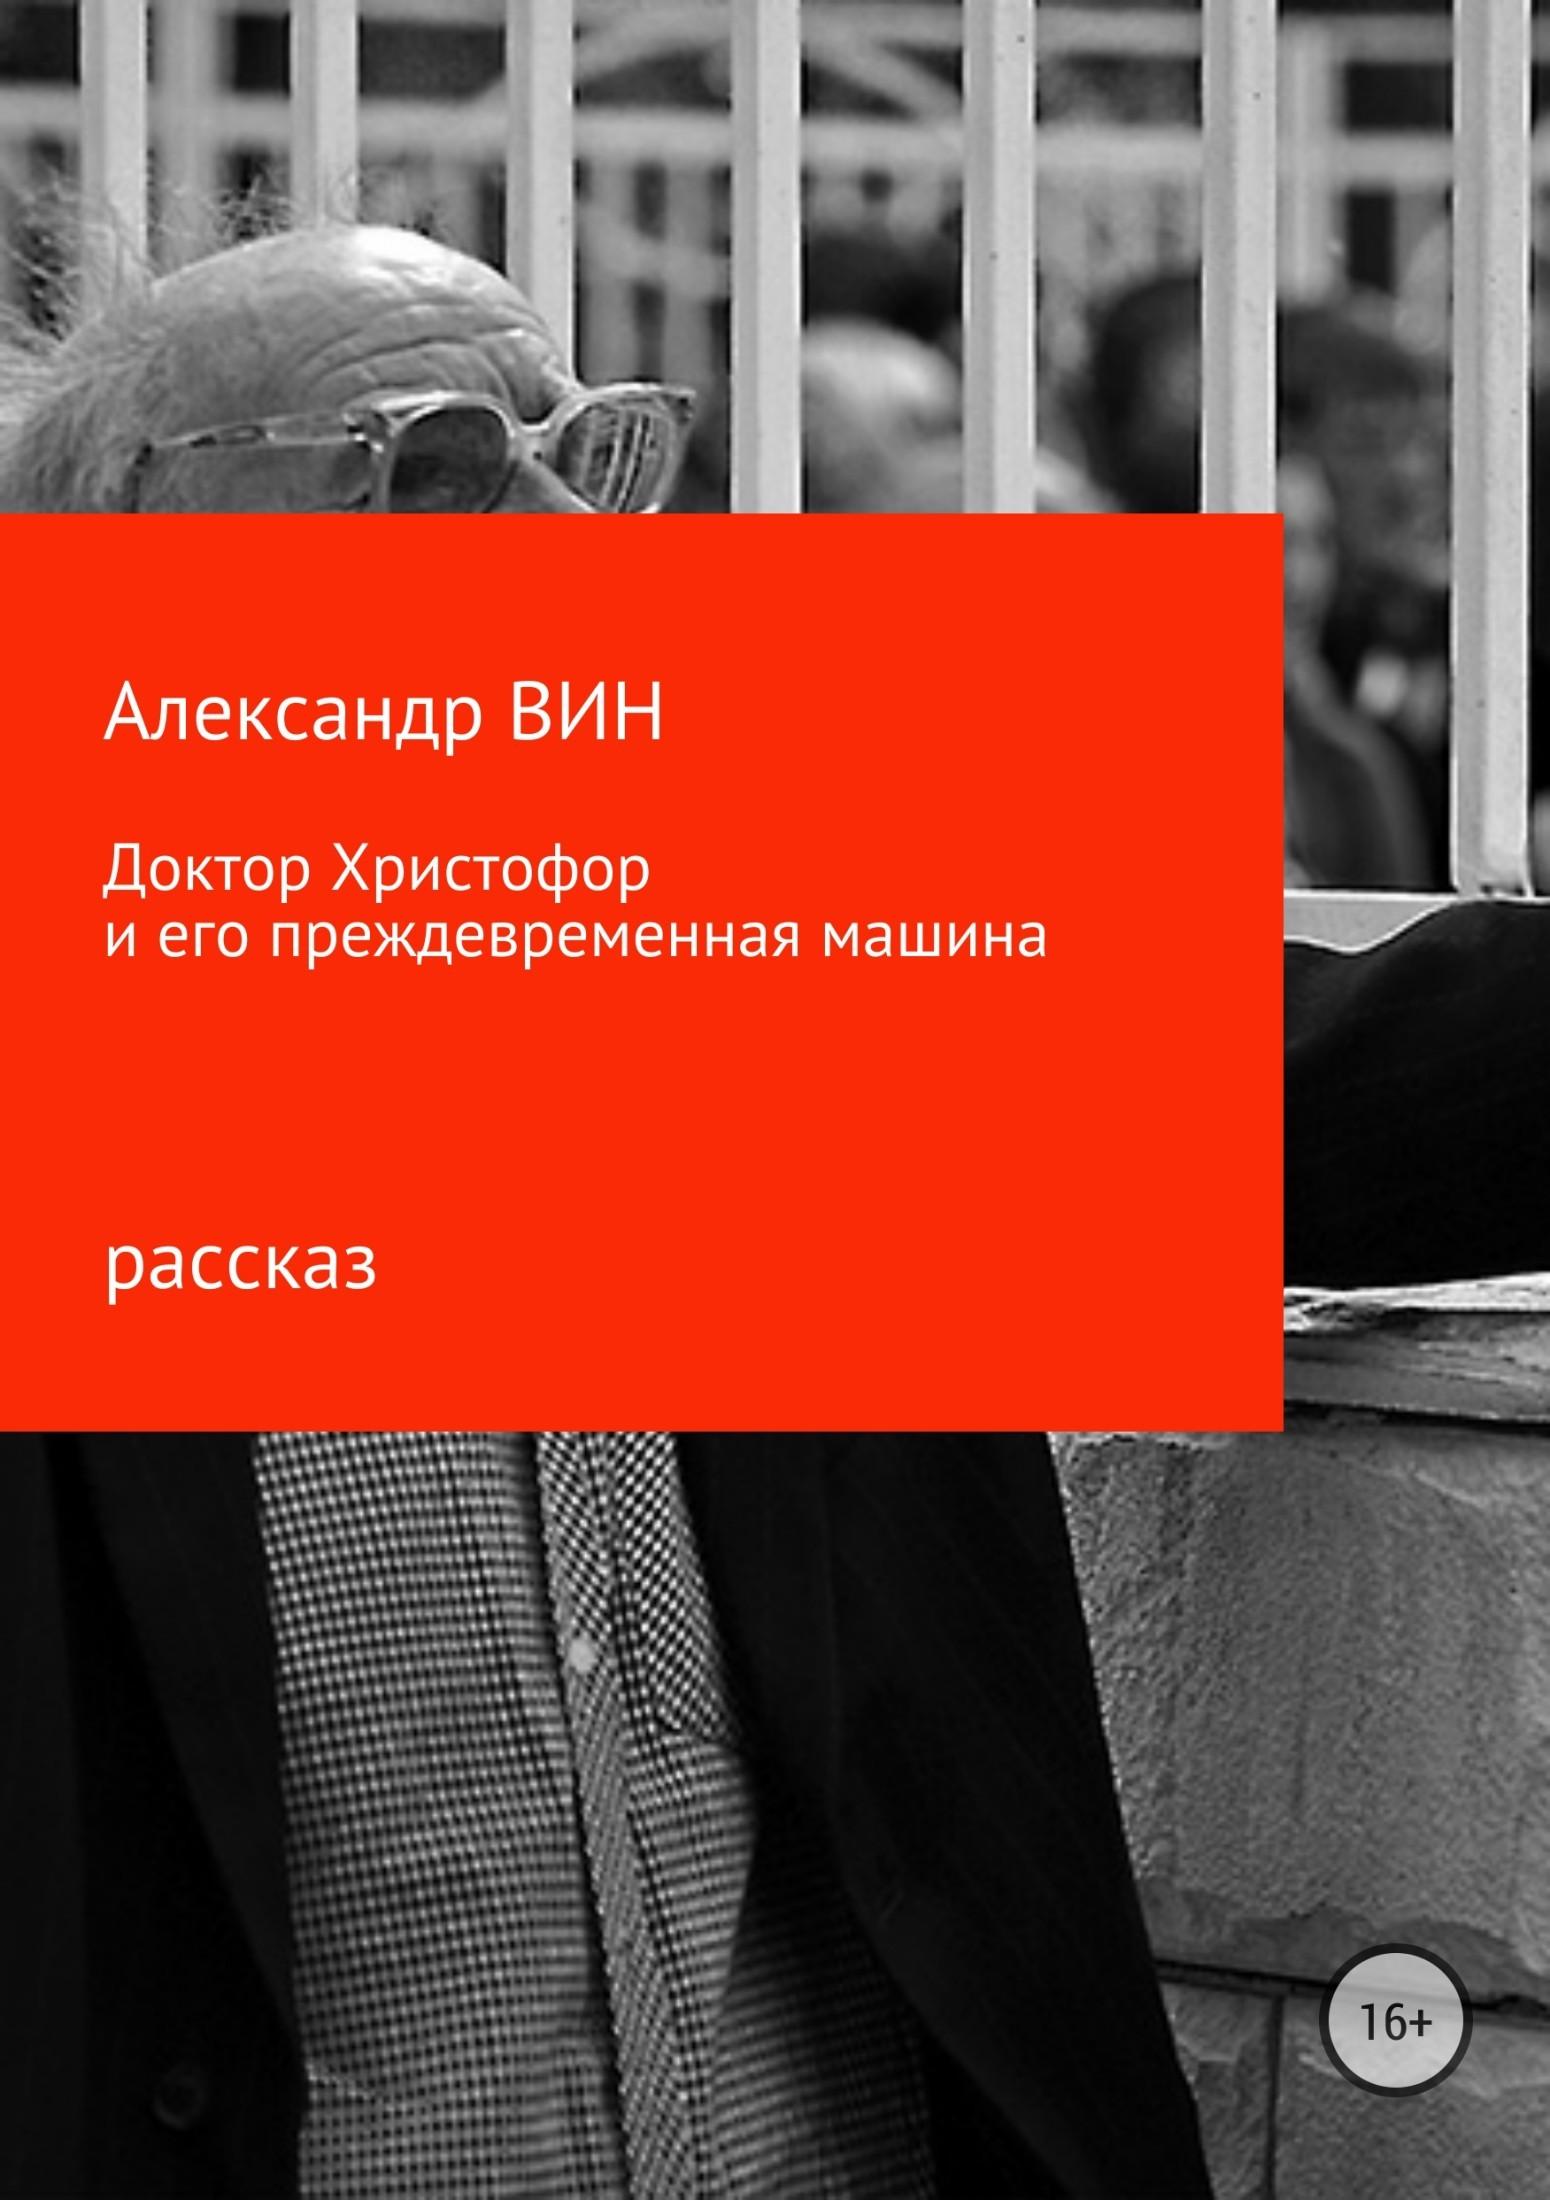 Достойное начало книги 38/09/04/38090440.bin.dir/38090440.cover.jpg обложка